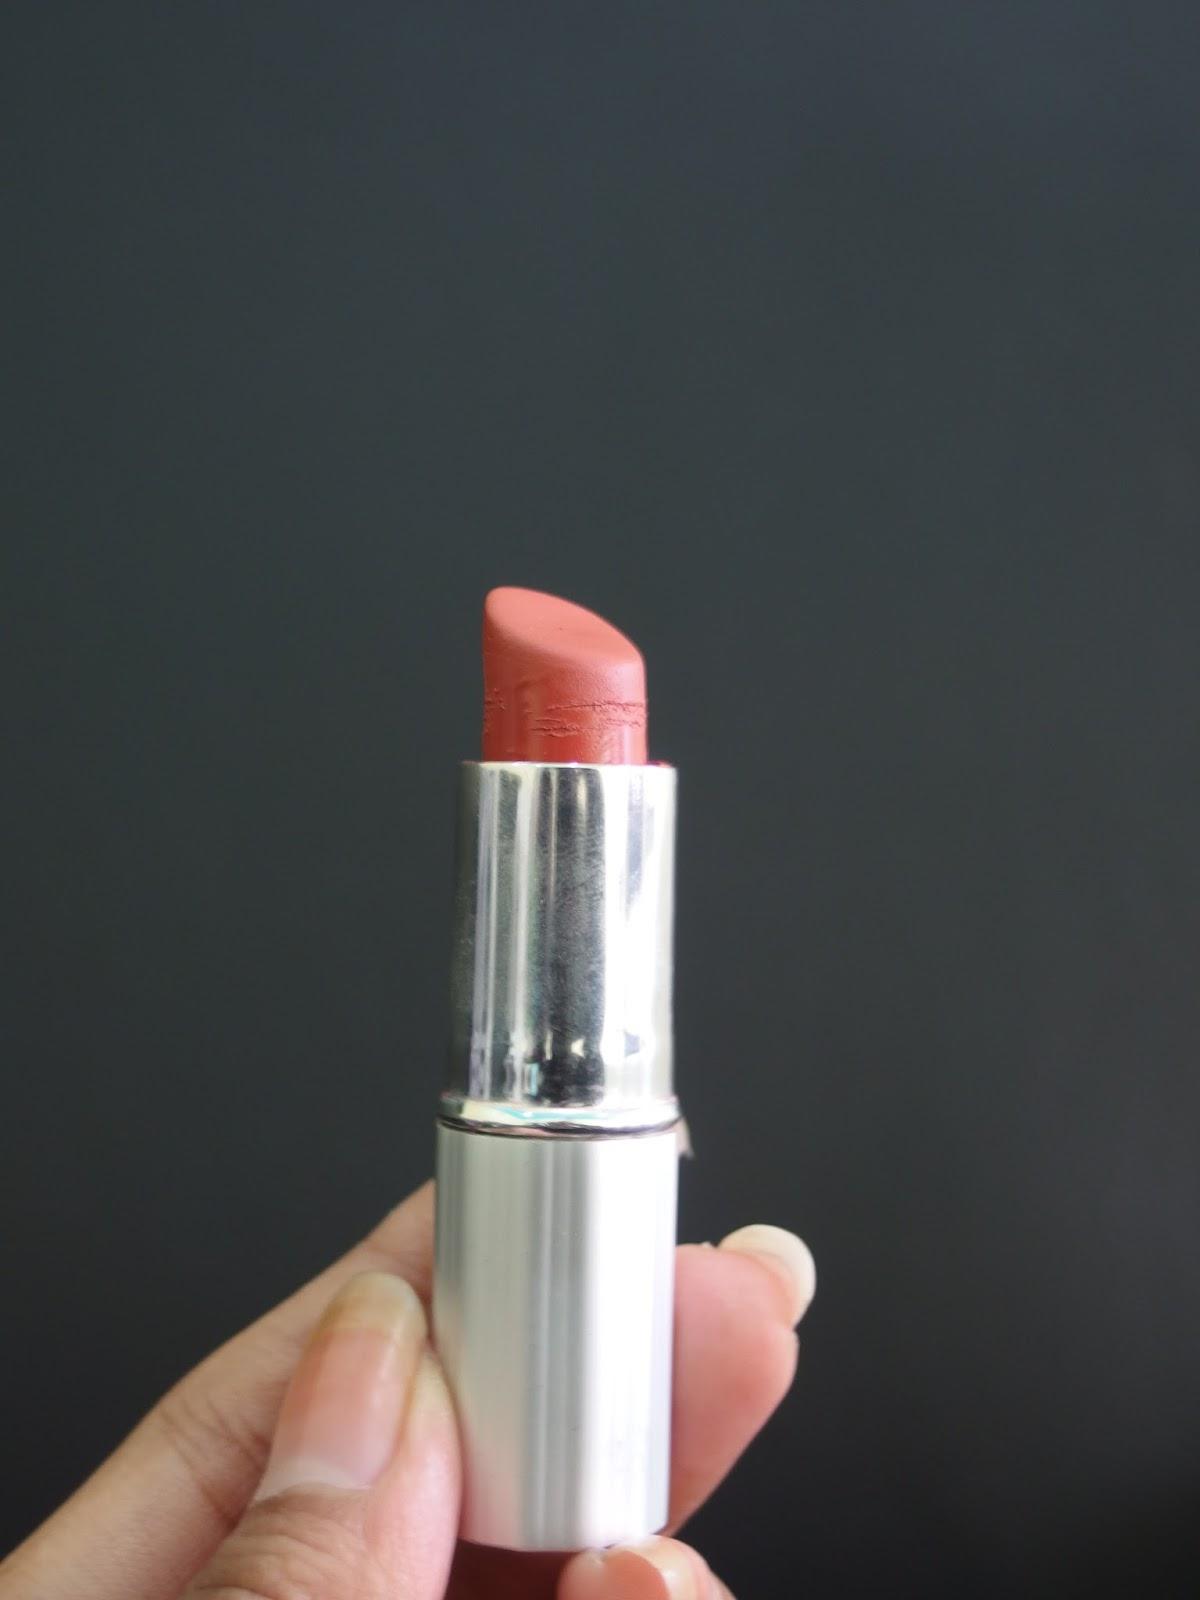 Koleksi Lipstik Matte Warna Nude Di Bawah 50k - niyasyah